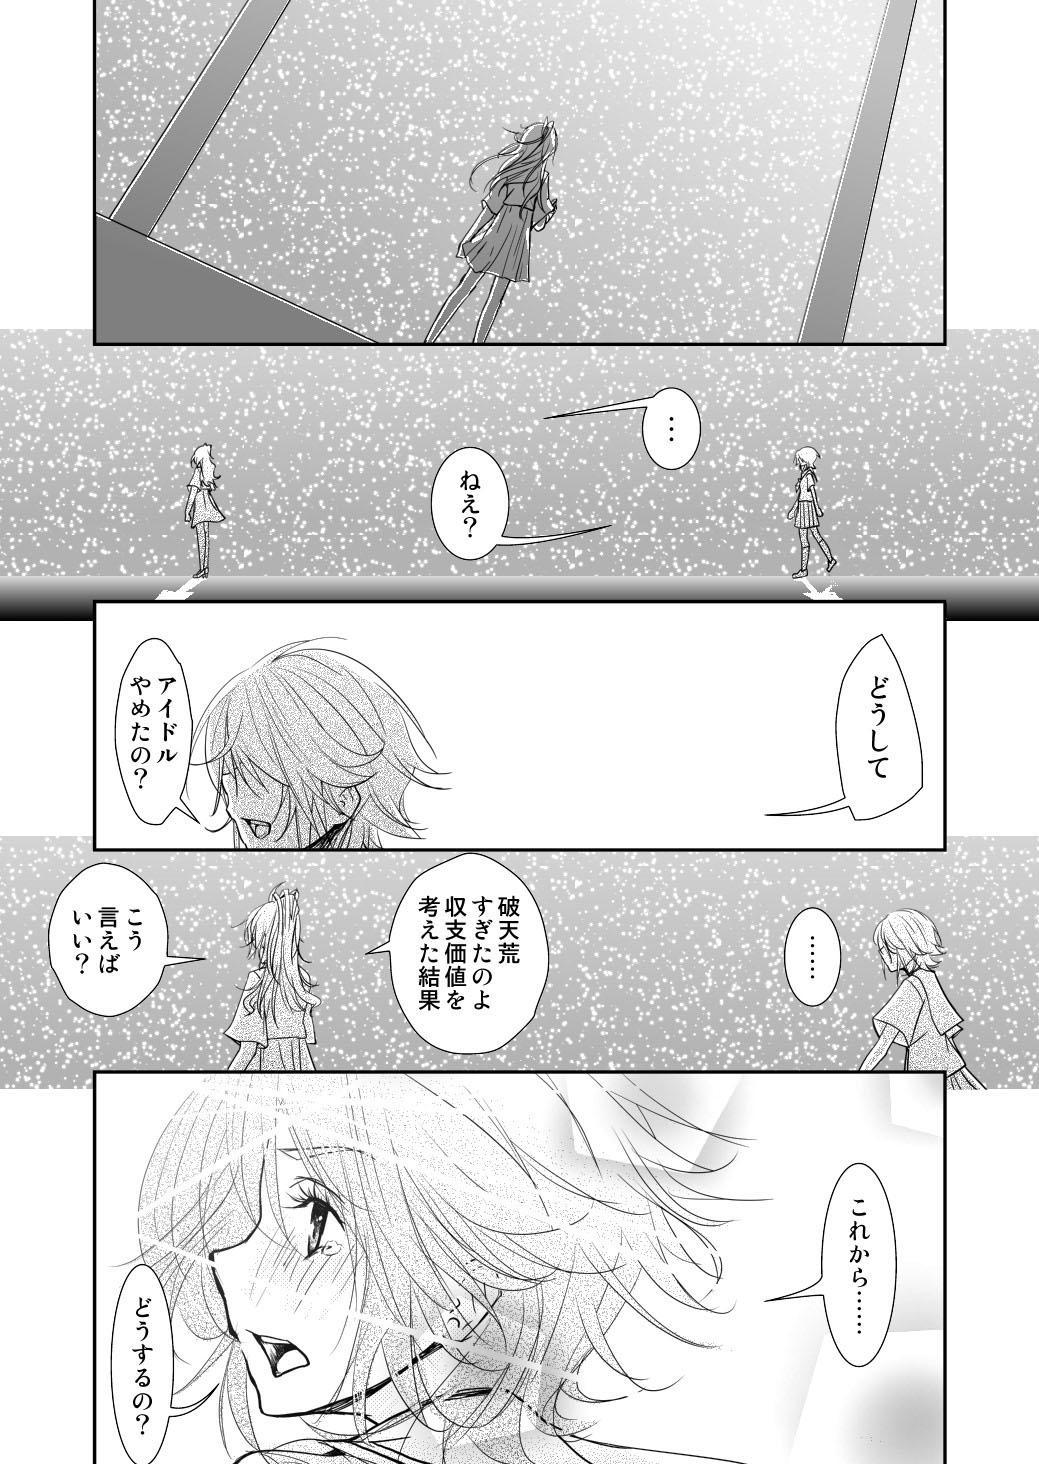 Yakusoku no Sora to Kimigaita Basho 1 ~ 2 28